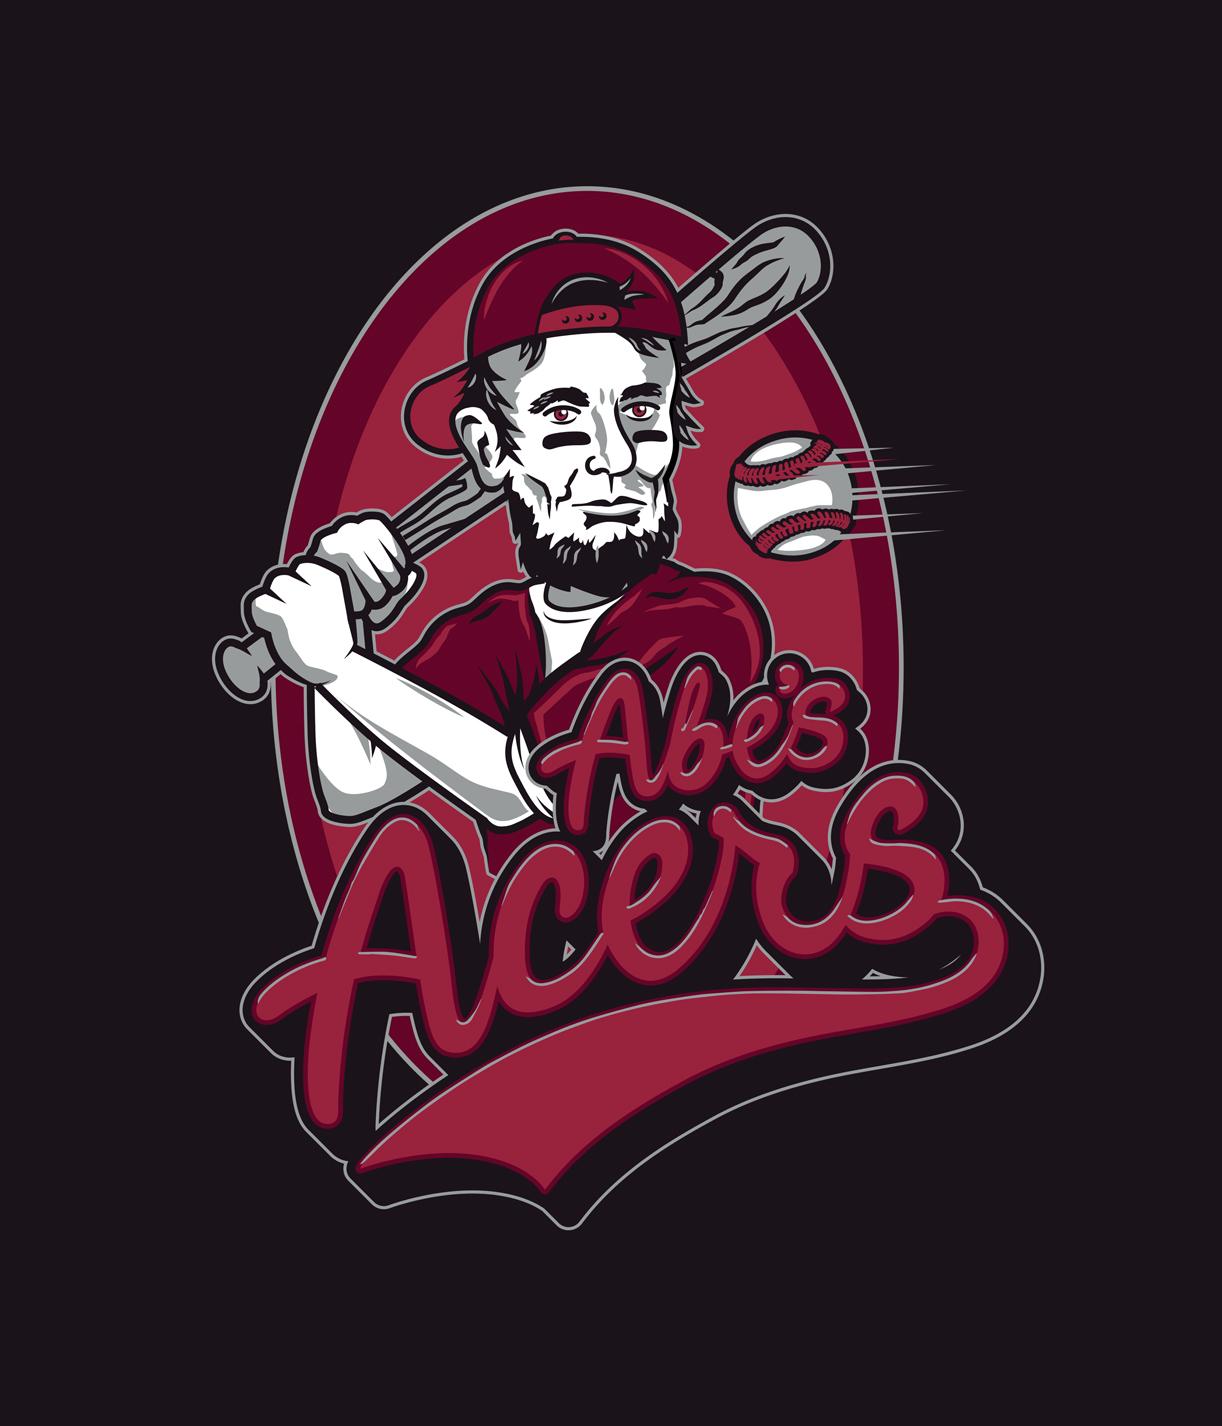 ACERS_2.jpg